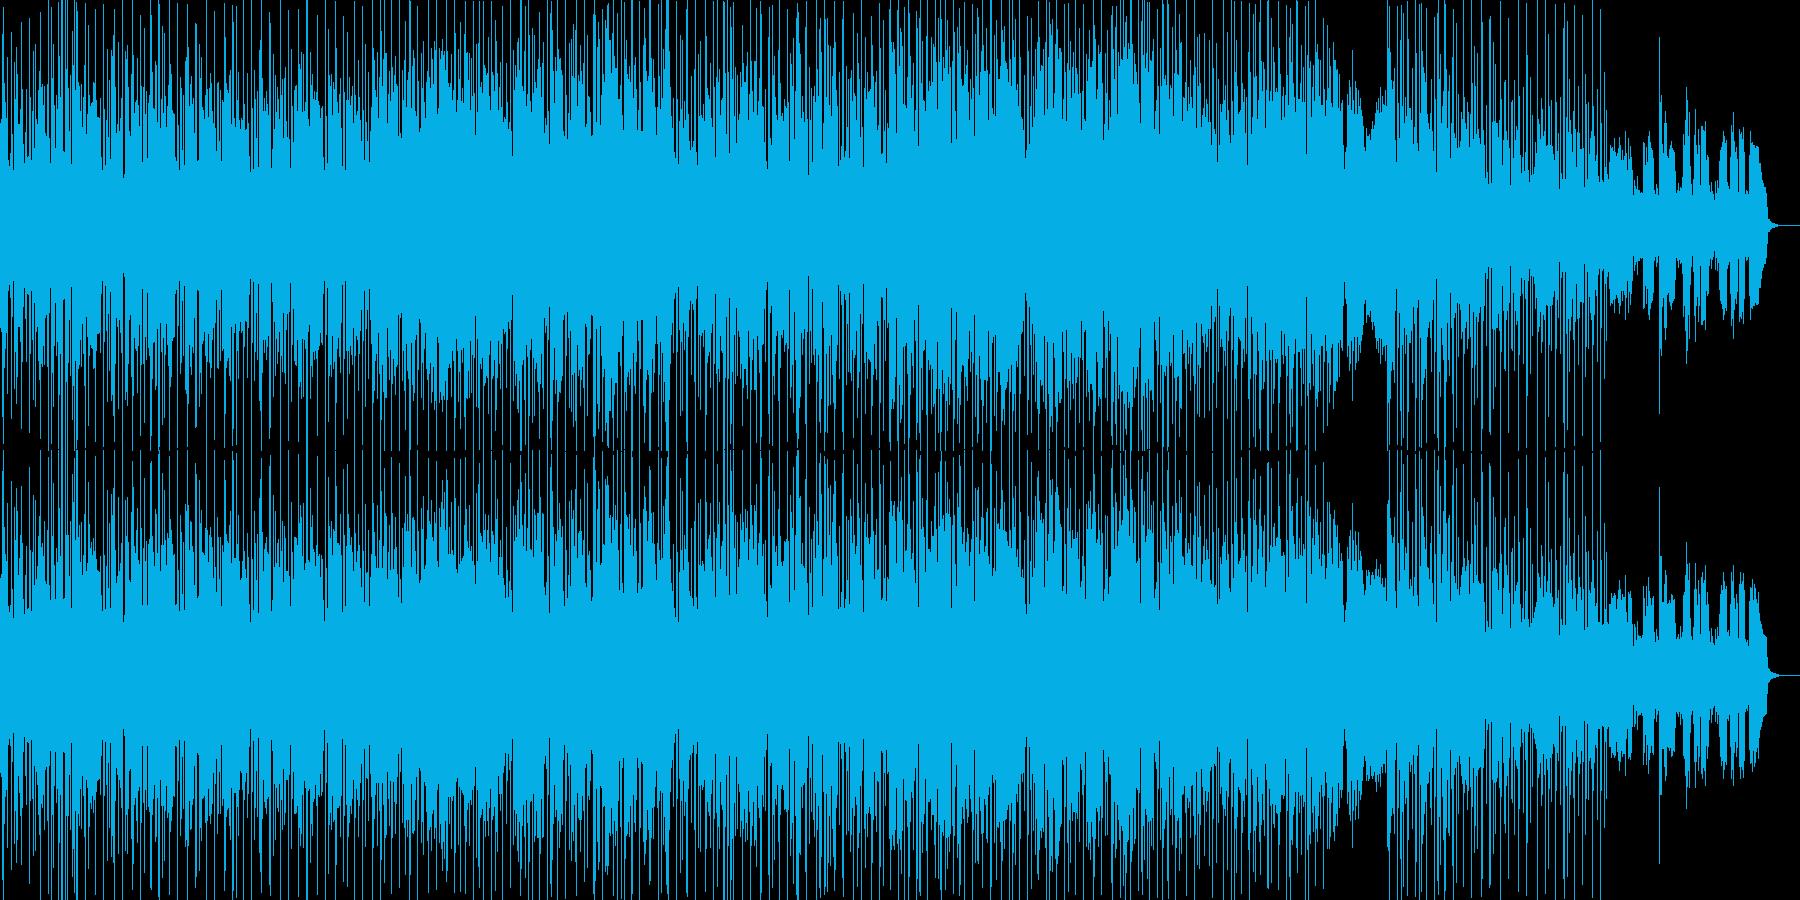 男性Vo ソフトロック・バラード曲の再生済みの波形